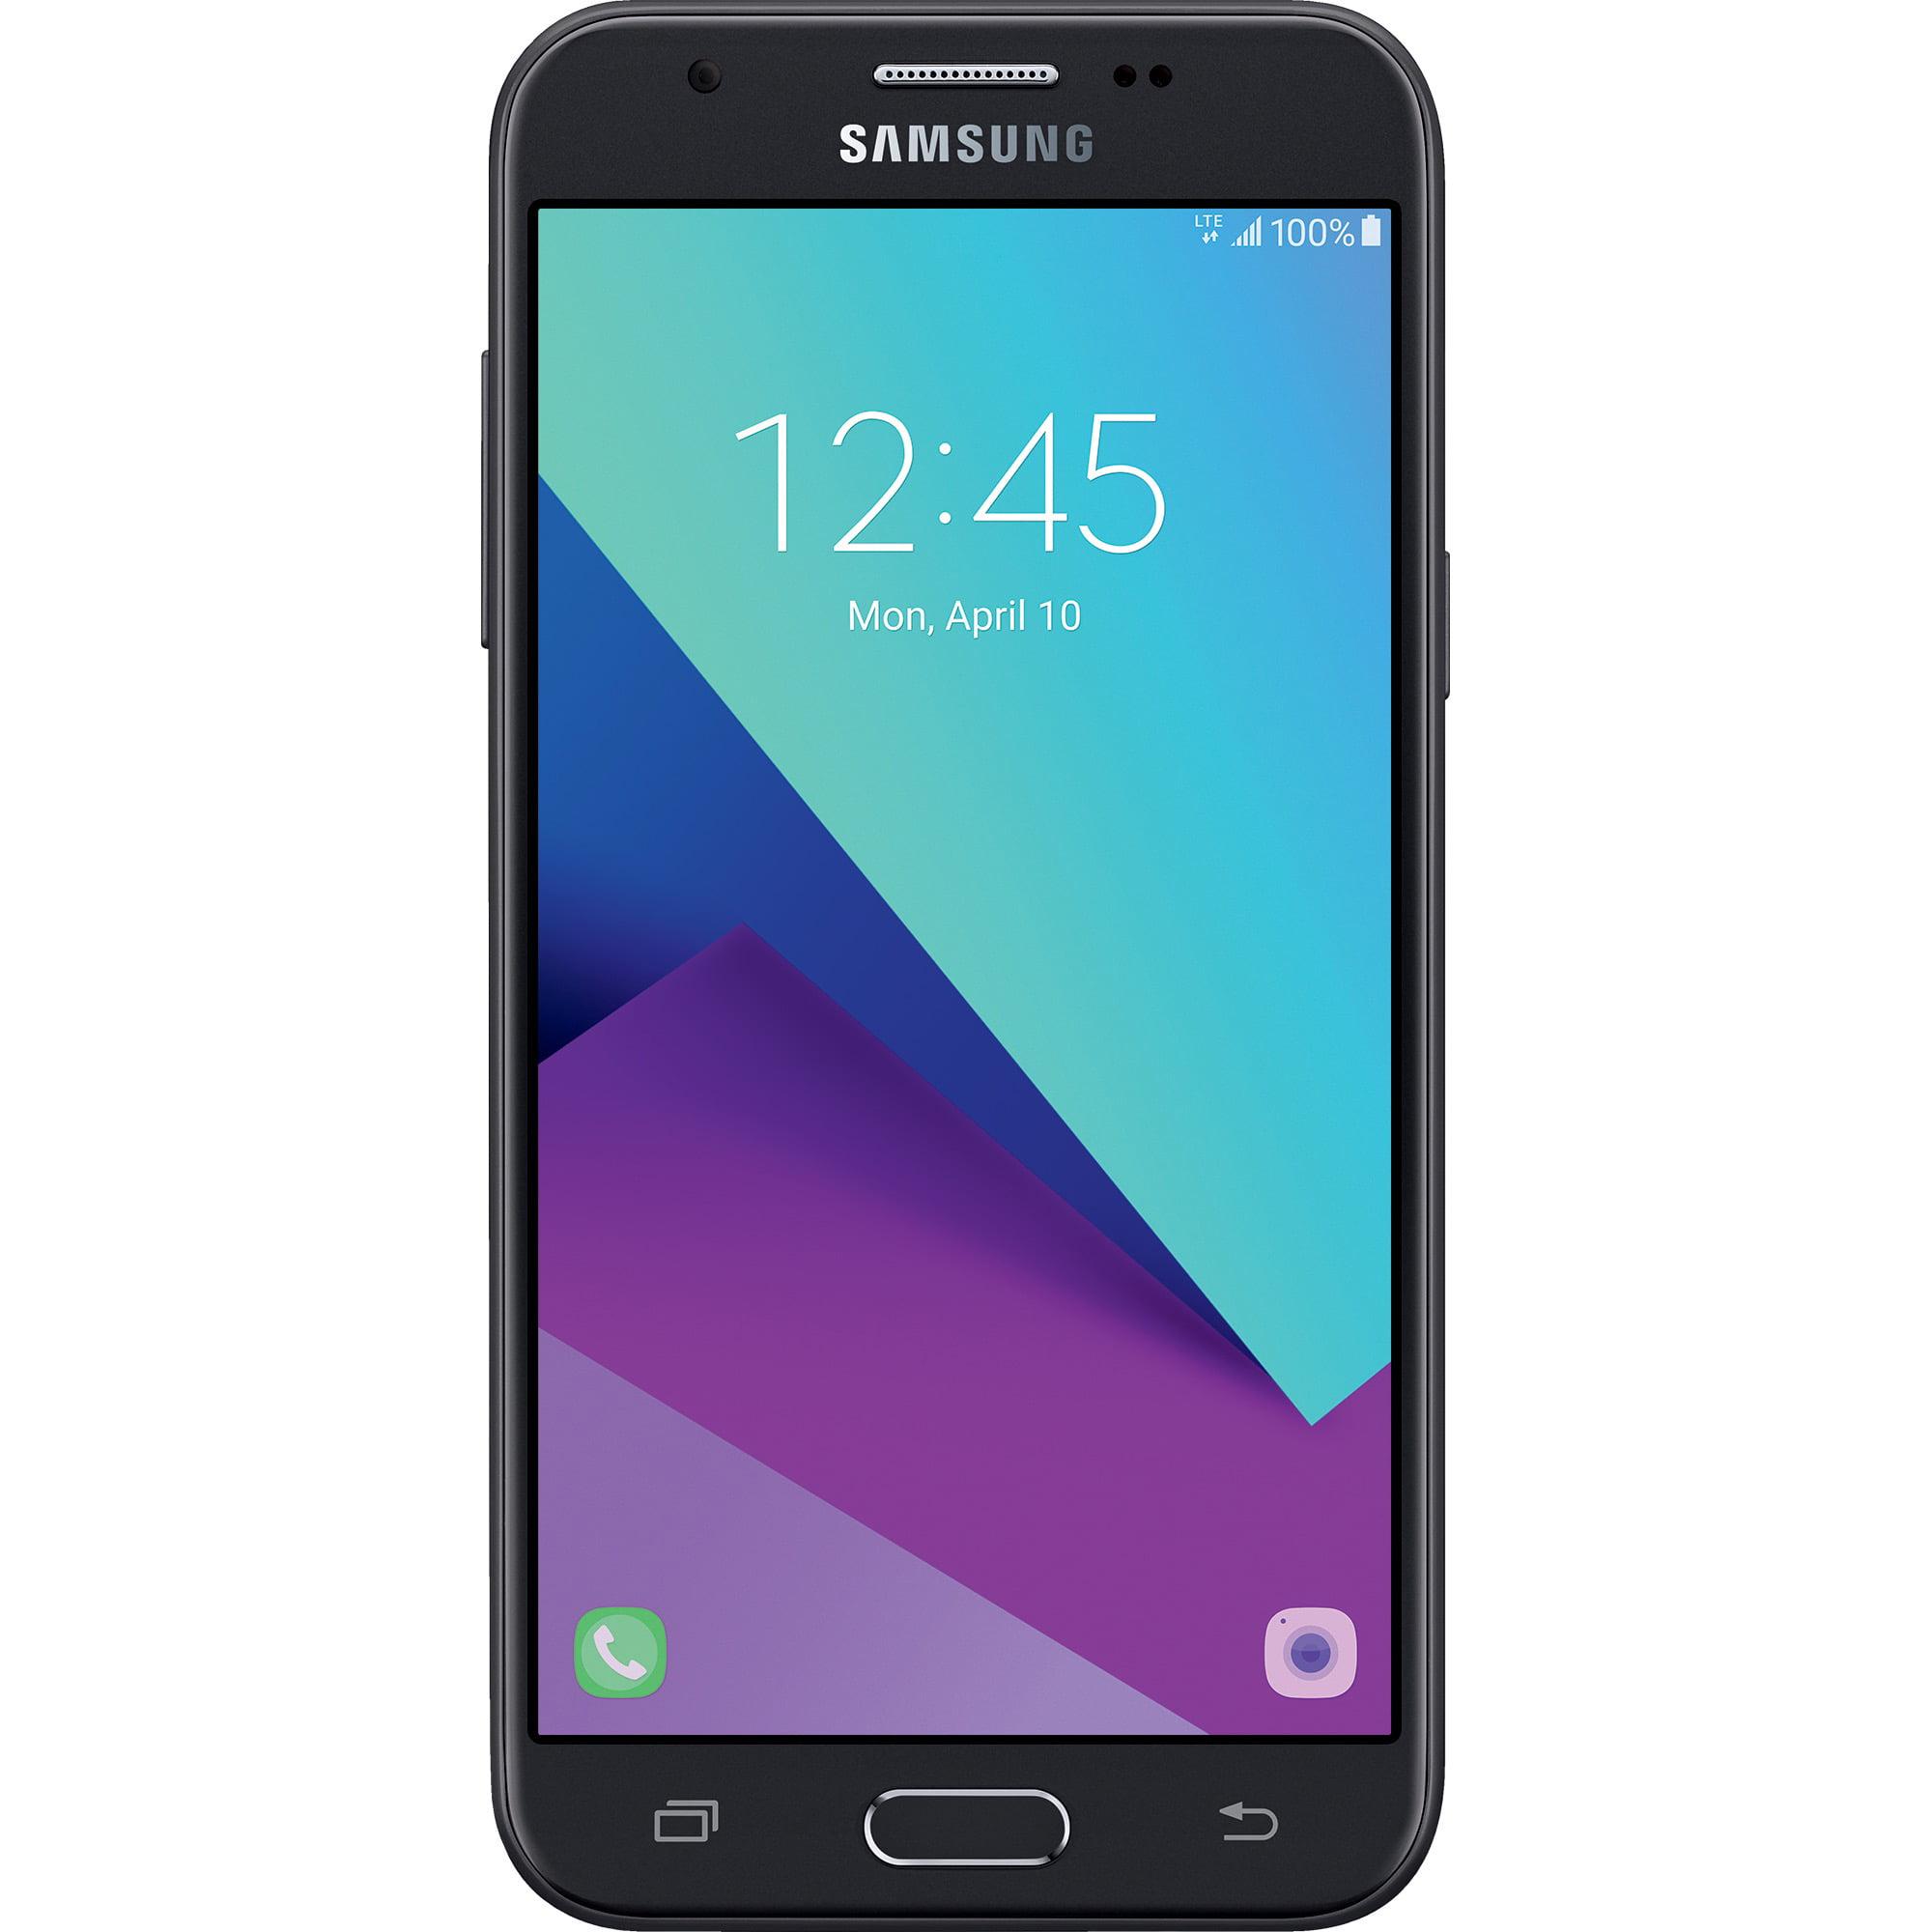 Total Wireless Samsung Galaxy J3 Luna Pro 16GB Prepaid Smartphone, Black